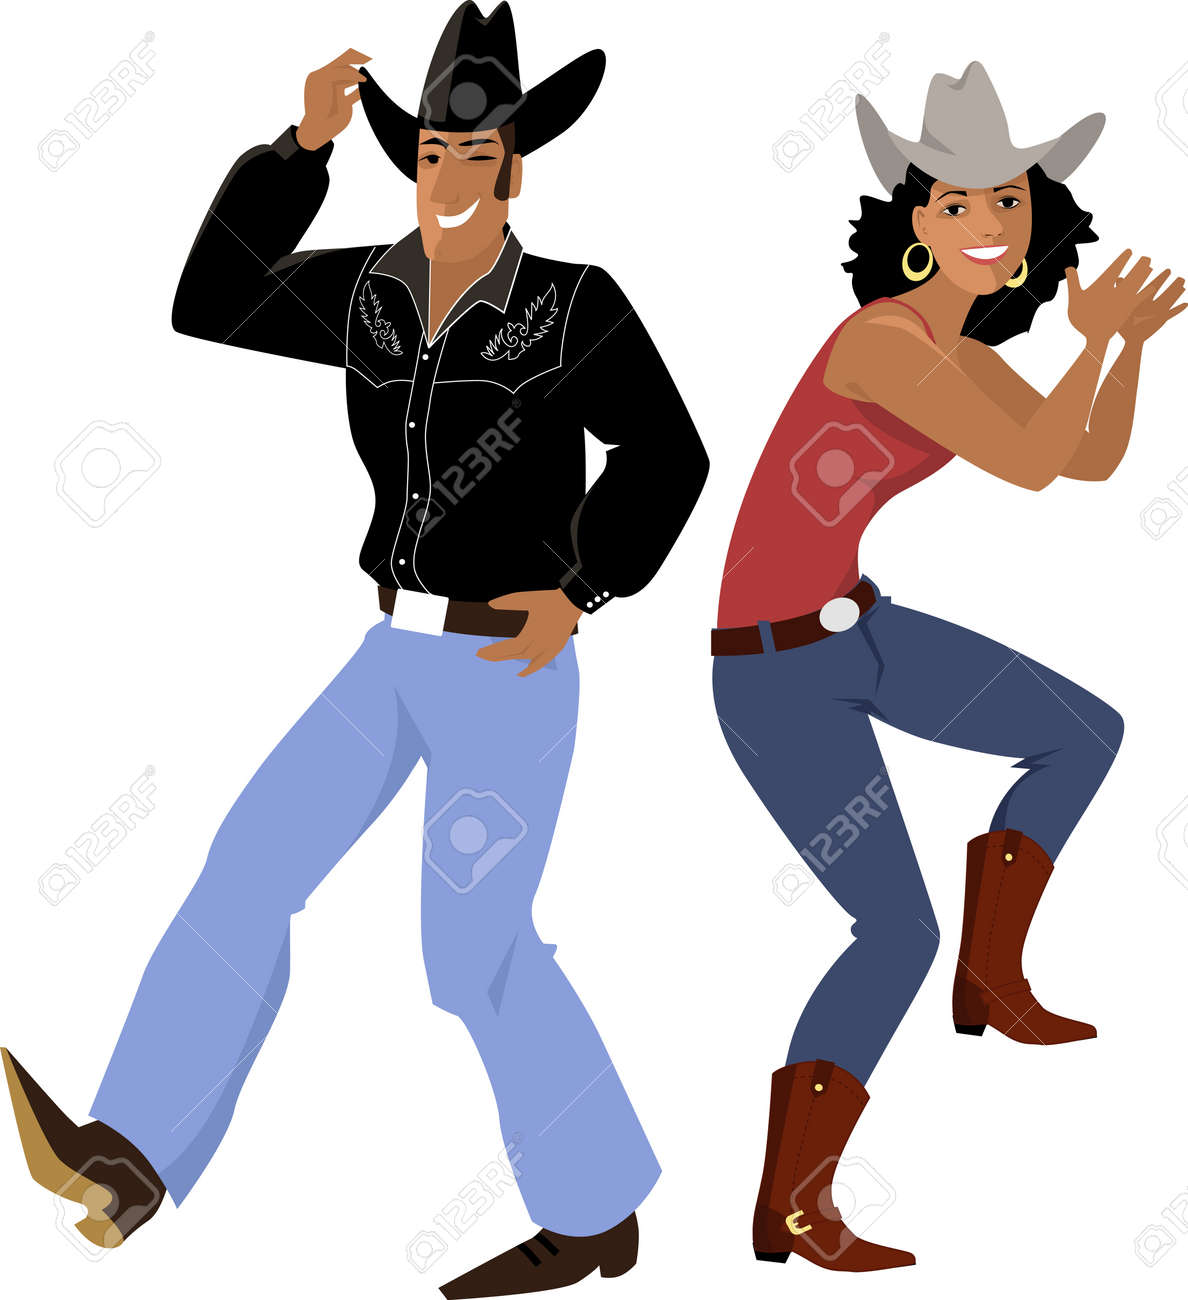 Image Danse Country couple vêtu d'une tradition de danse traditionnelle country western